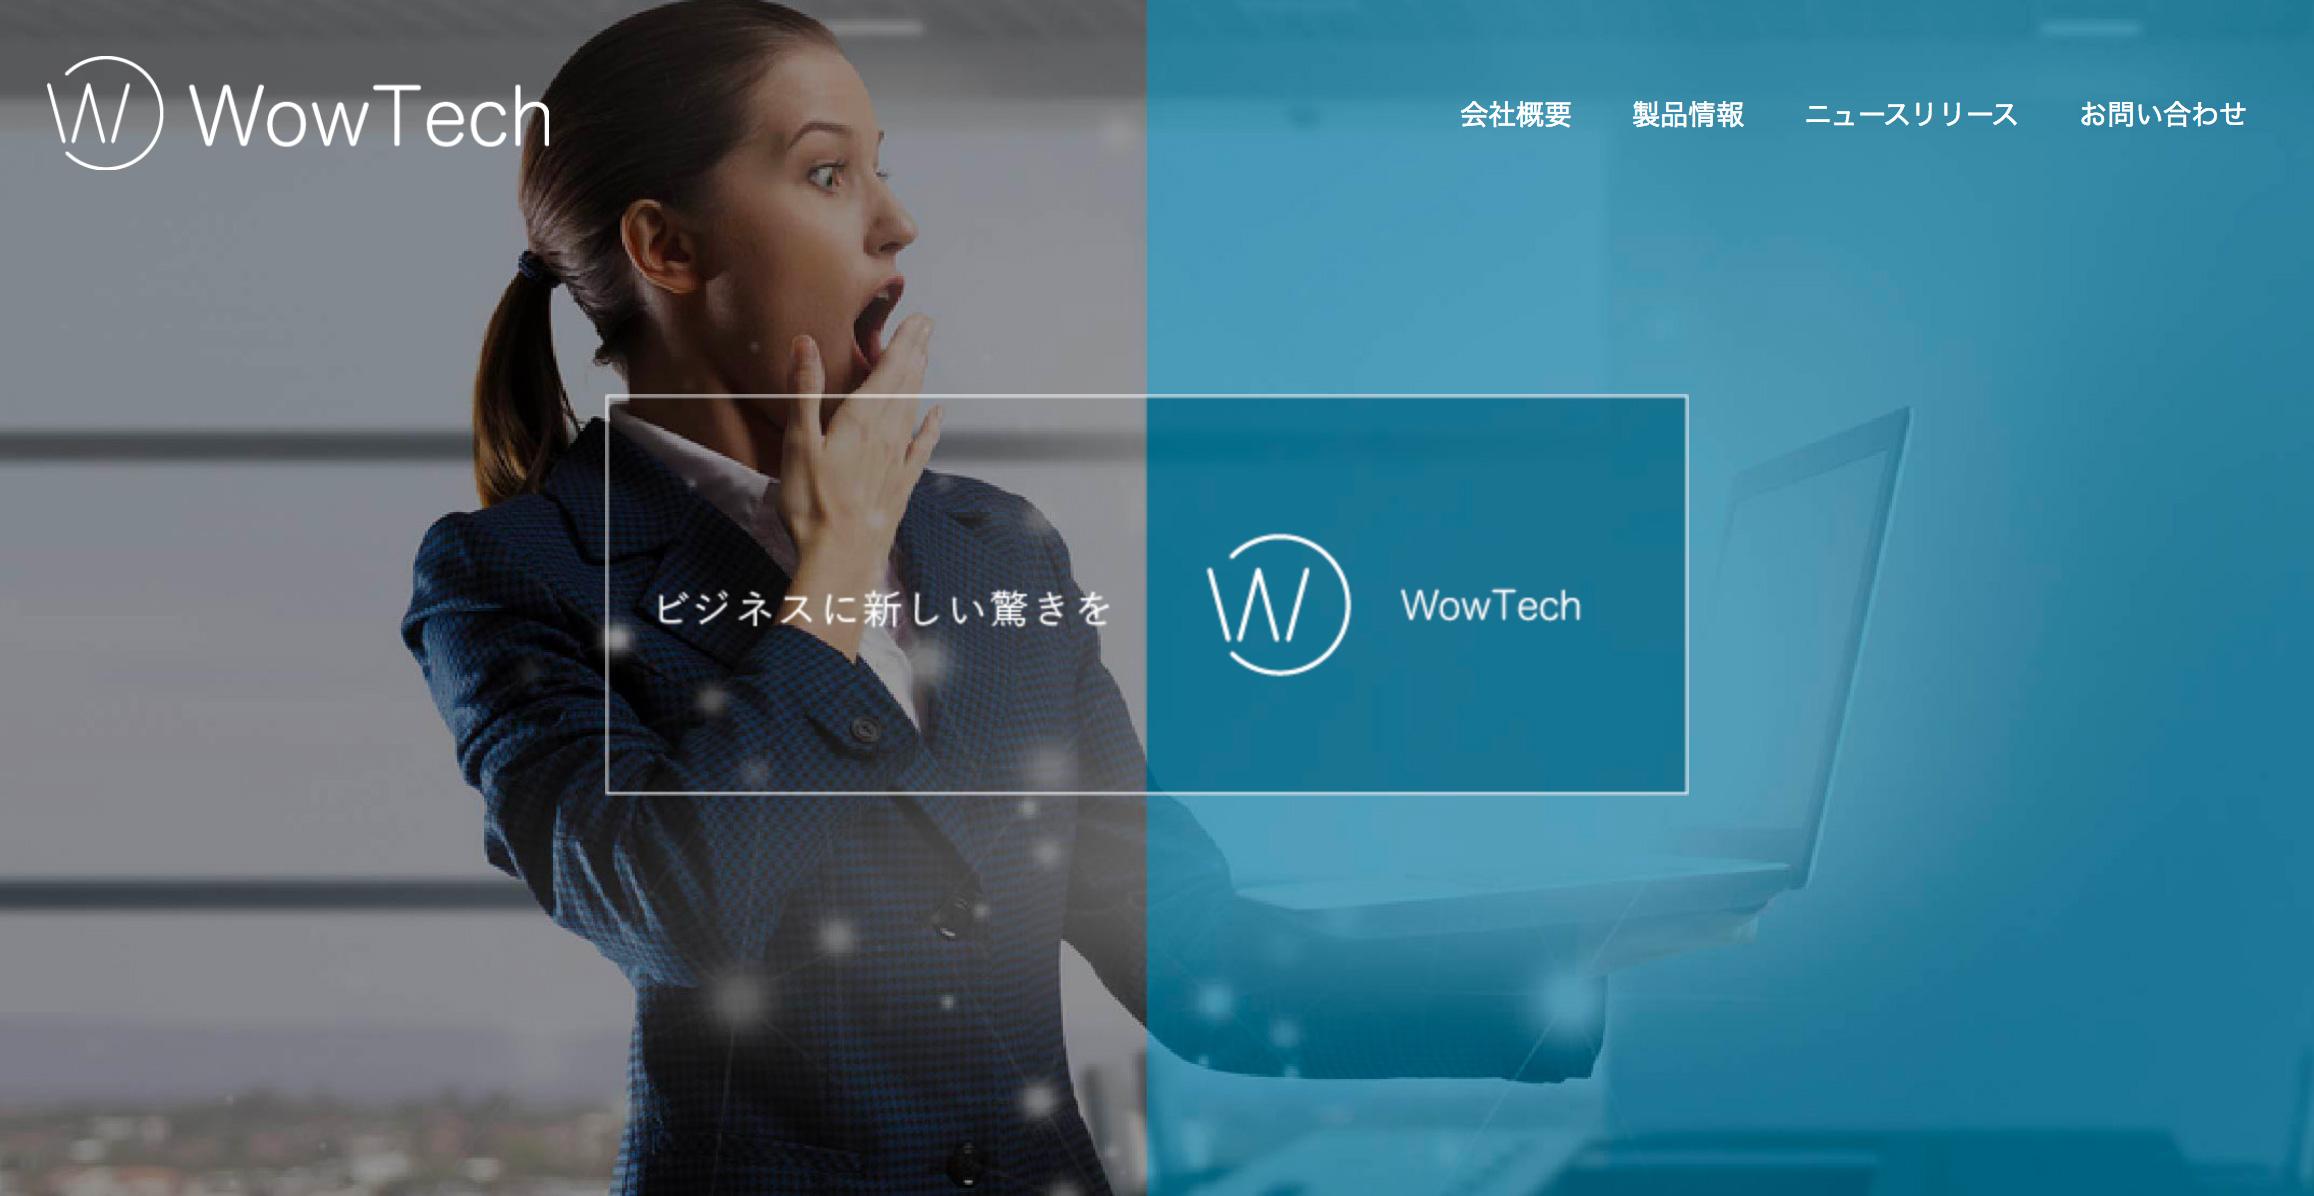 キングソフト、「WowTalk」事業をワウテックに事業承継のお知らせ